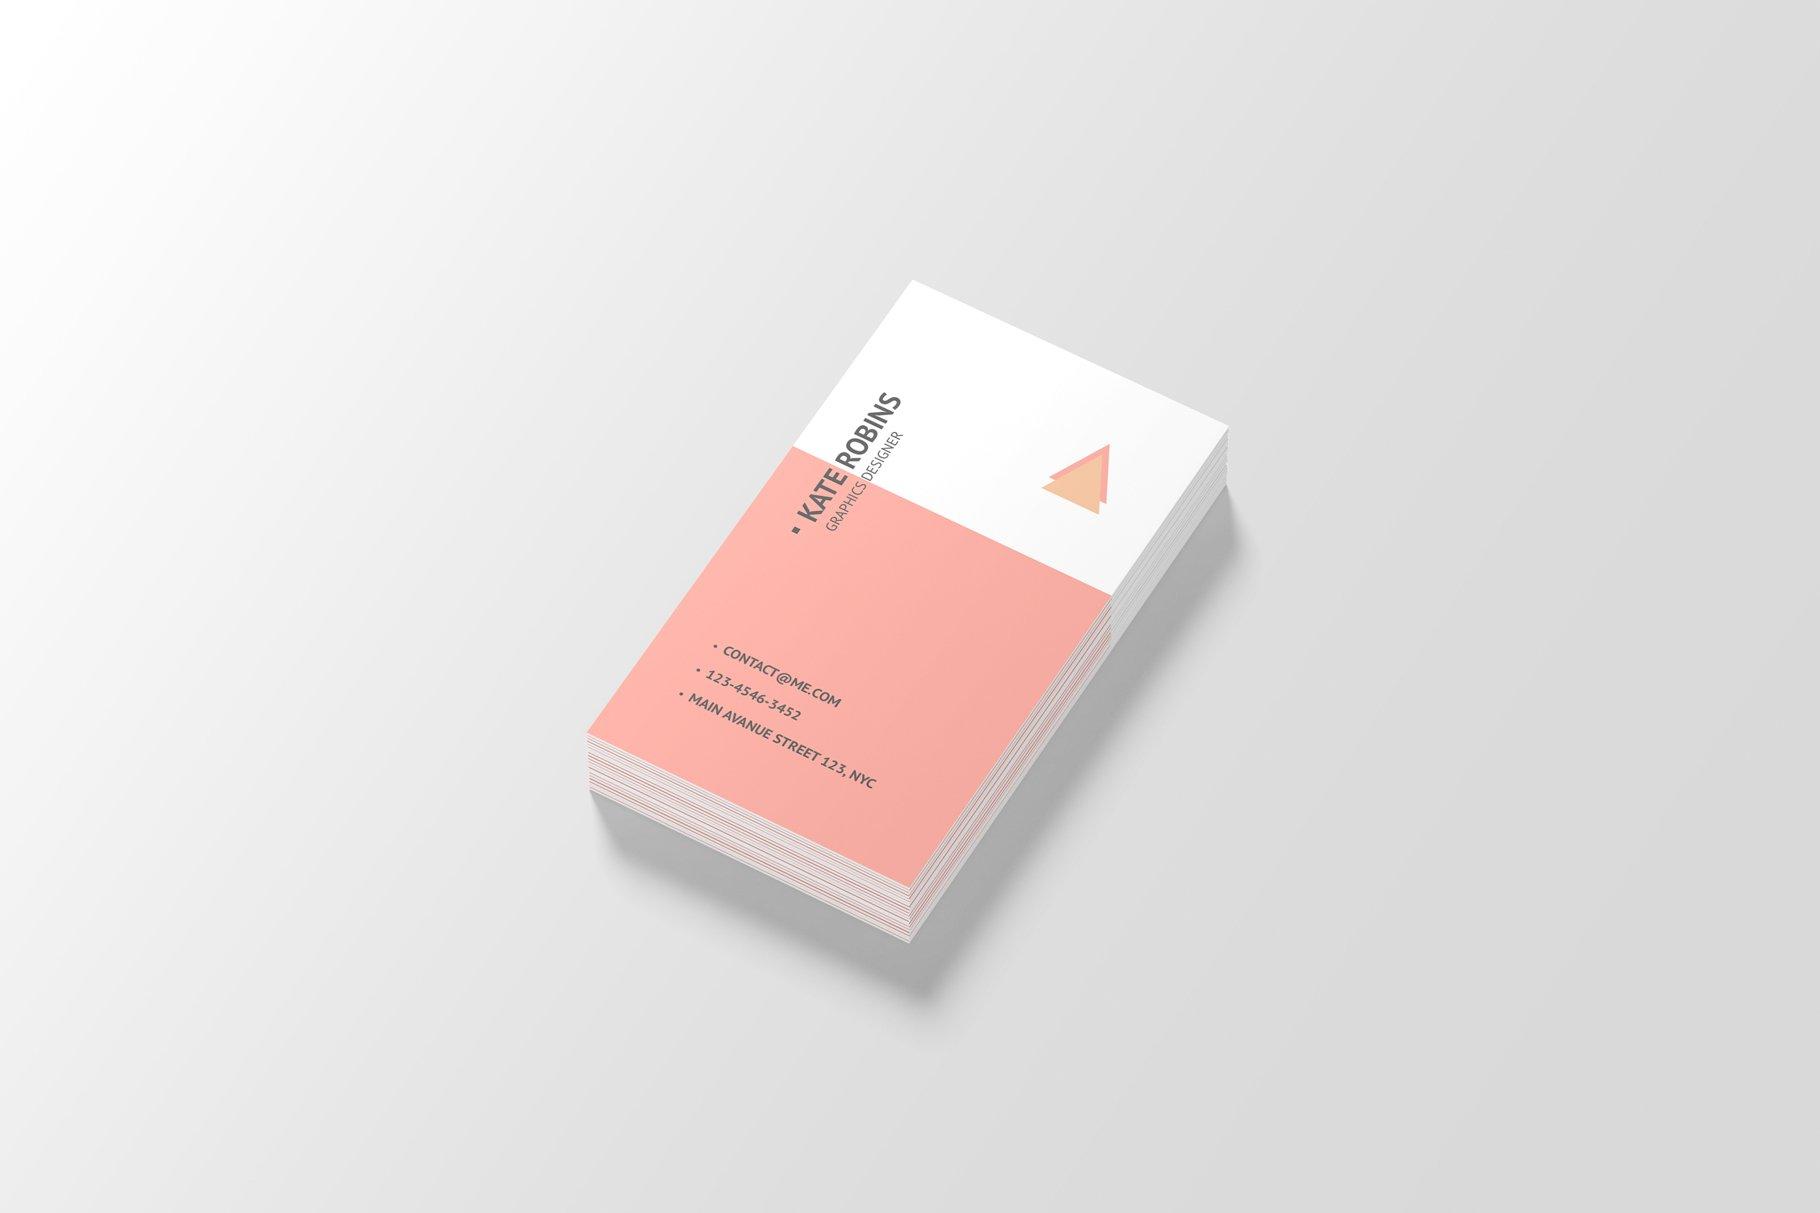 14款商务个人名片卡片设计展示样机 Portrait Business Card Mockup插图(6)